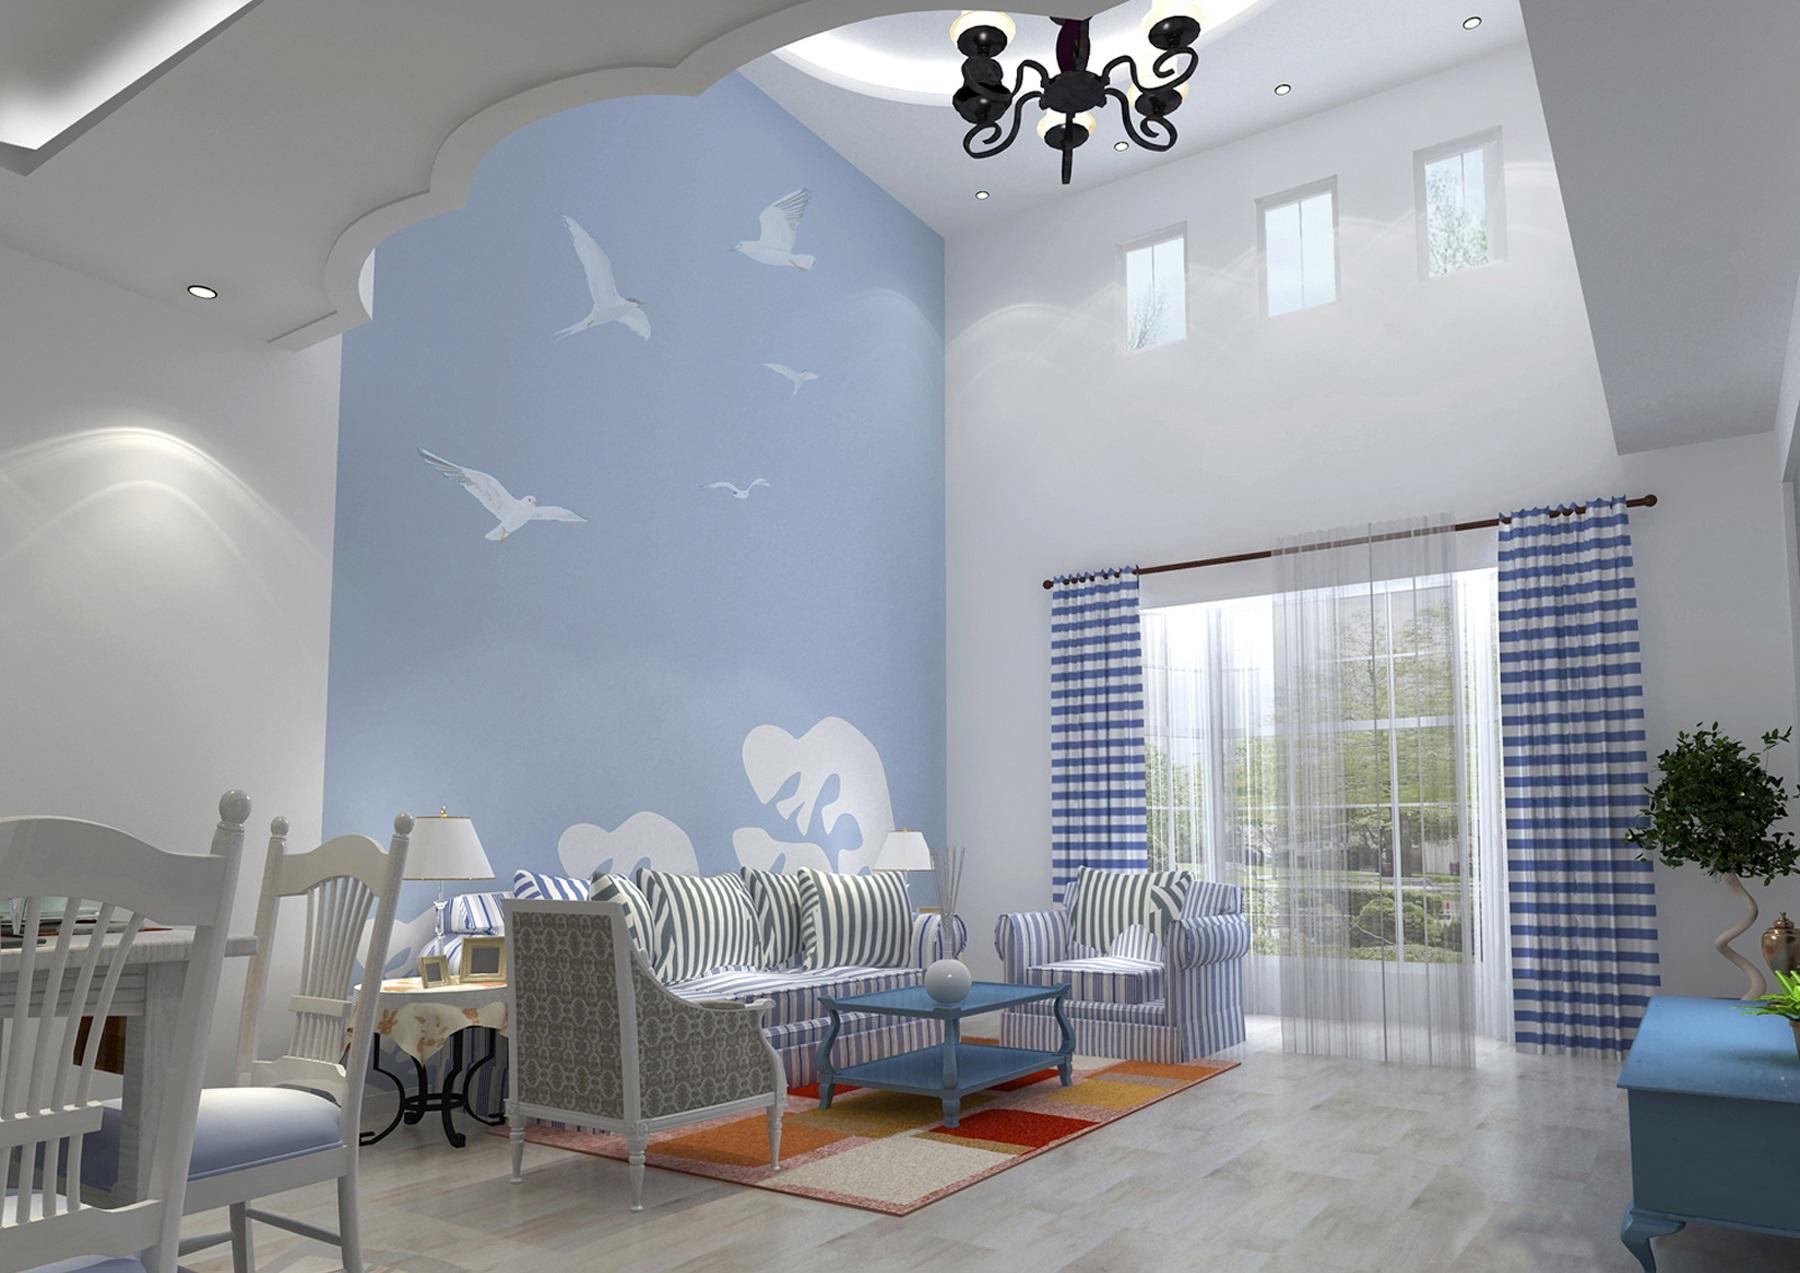 地中海风格客厅装修  给你一个甜蜜的异域港湾